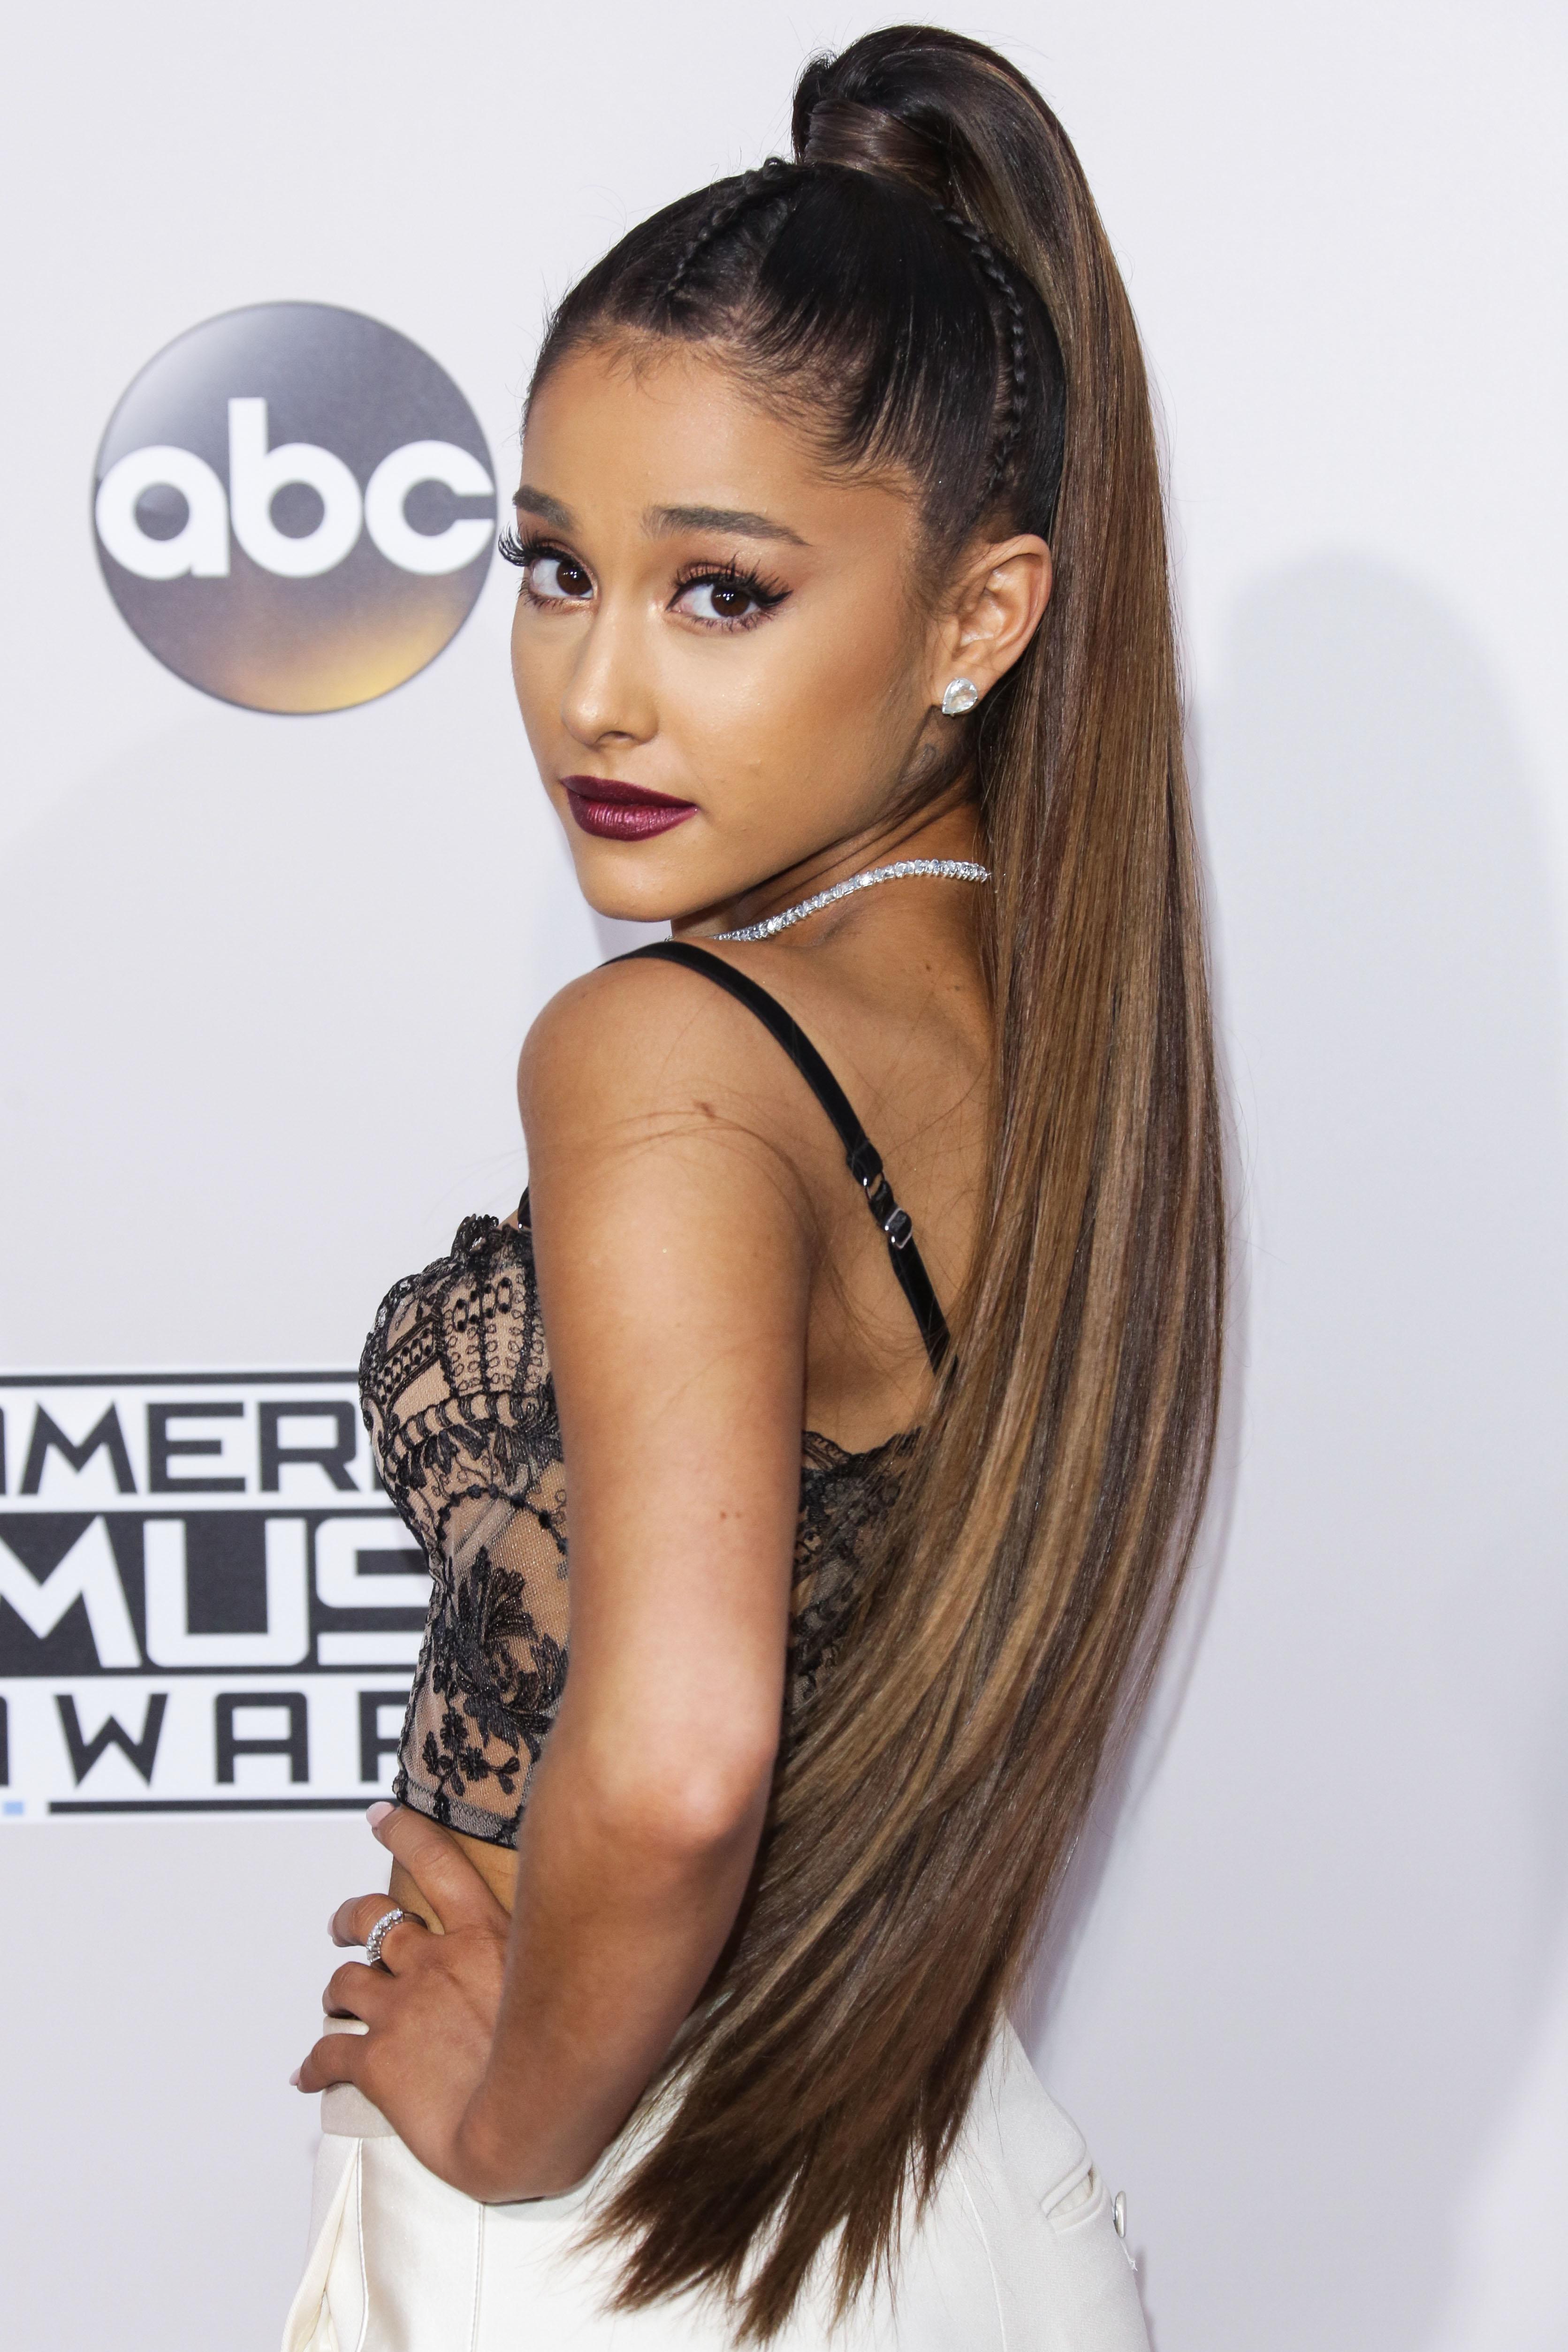 Αυτό το brand εμπνεύστηκε το επόμενό του καλλυντικό από την Ariana Grande! | tlife.gr